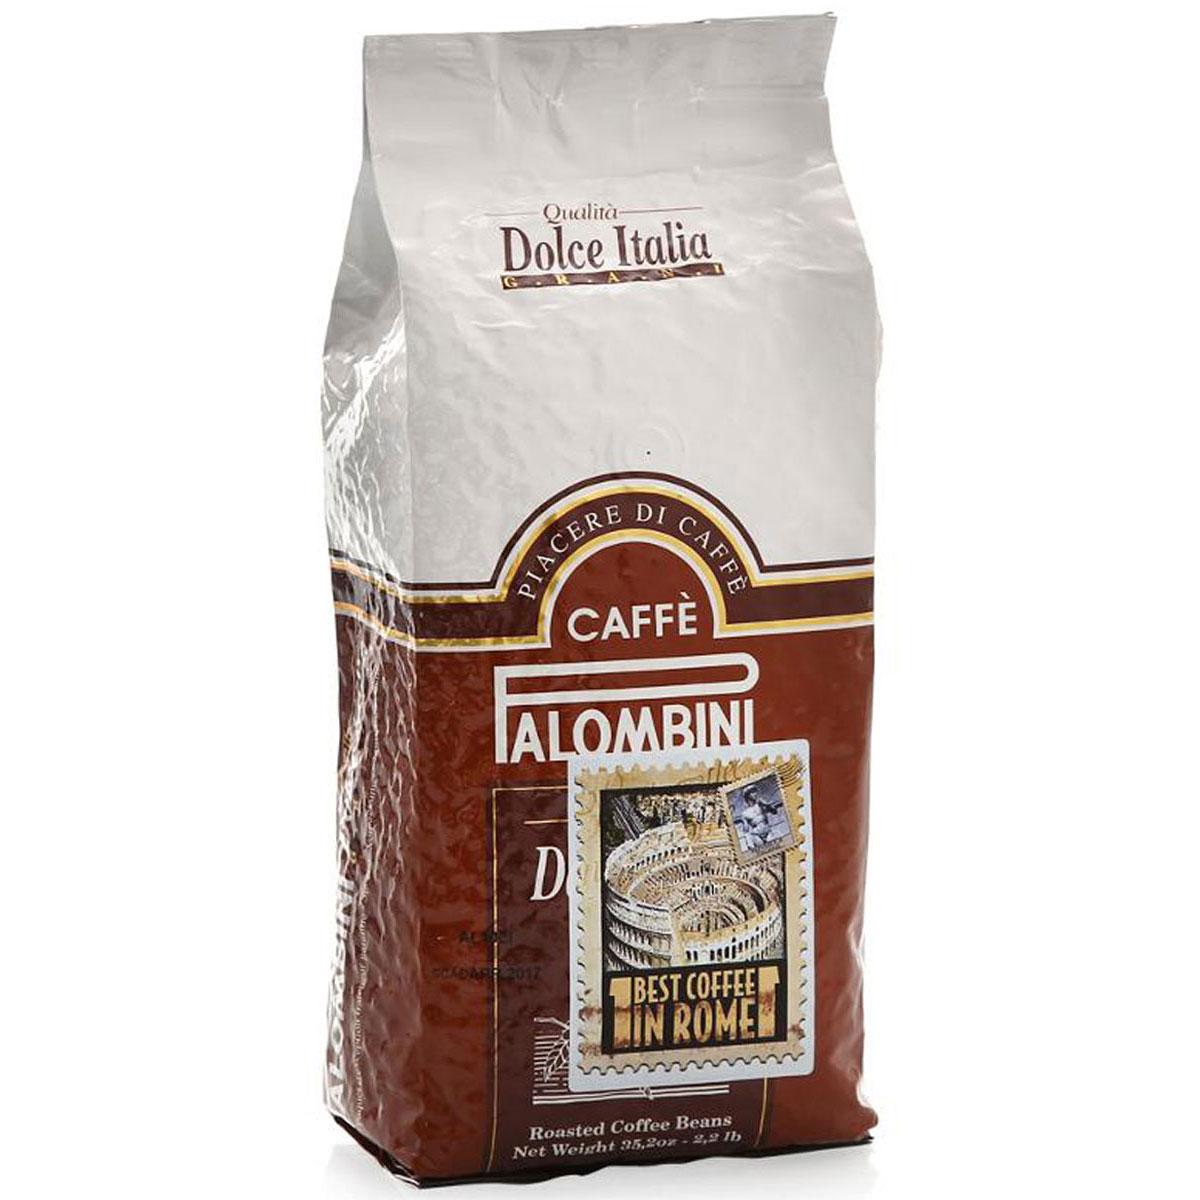 Palombini Dolce Italia кофе в зернах, 1 кг101246Натуральный жареный кофе в зернах Palombini Dolce Italia, высшего сорта. Избранный знатоками вид кофейного многообразия. Идеальный вкус создан специально для влюбленных в кофе. Смесь содержит 95% арабики и 5% робусты.